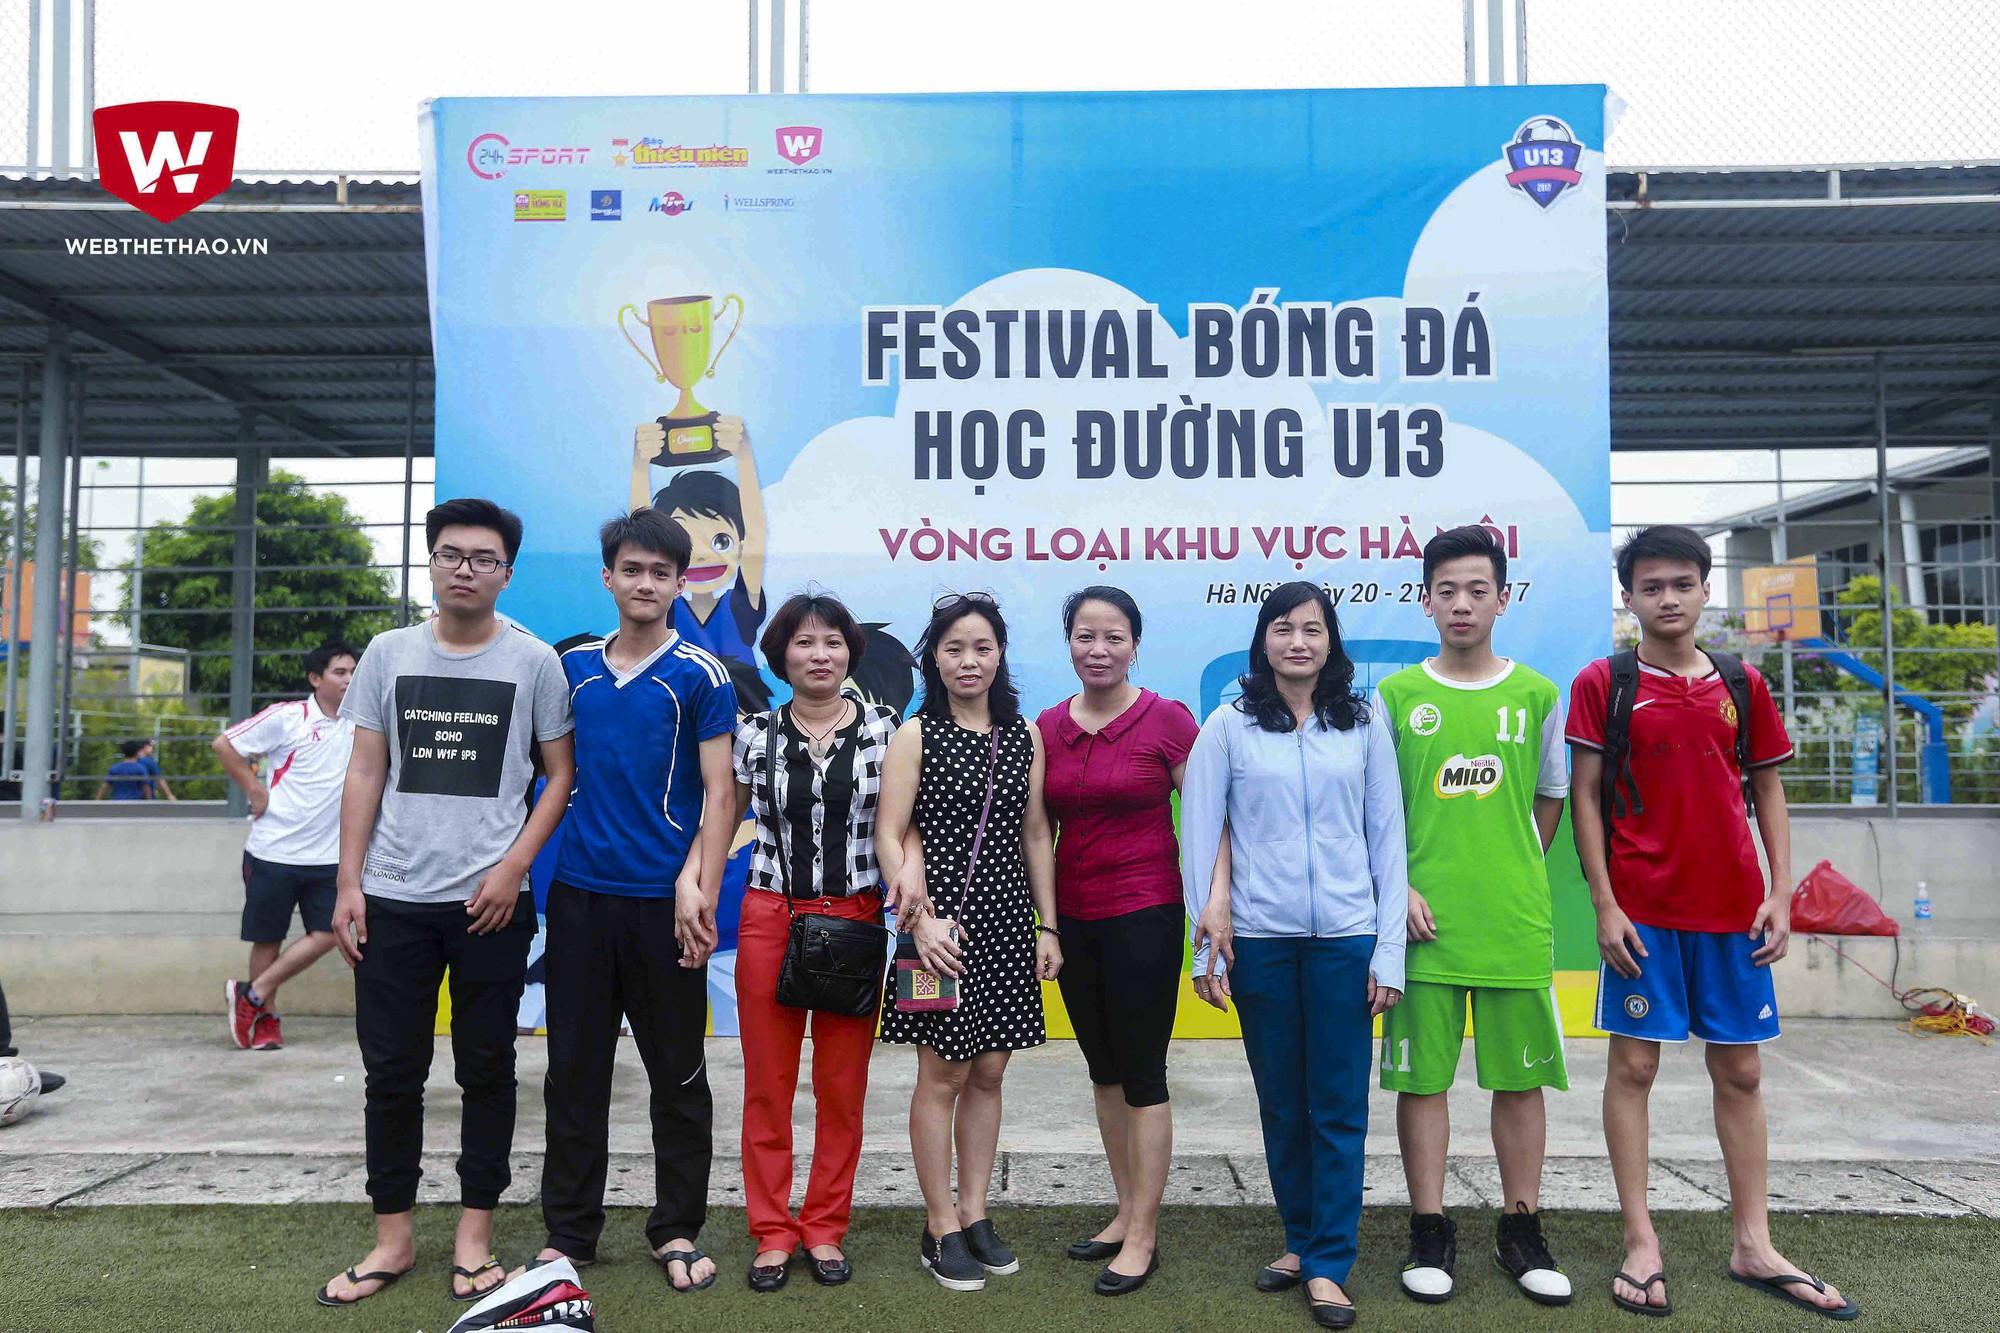 Dù không có con em mình thi đấu nhưng nhóm các phụ huynh của trường THCS Ngọc Lâm vẫn đồng hành, không bỏ sót trận nào của Festival bóng đá học đường U13 năm 2017. Ảnh Hải Đăng